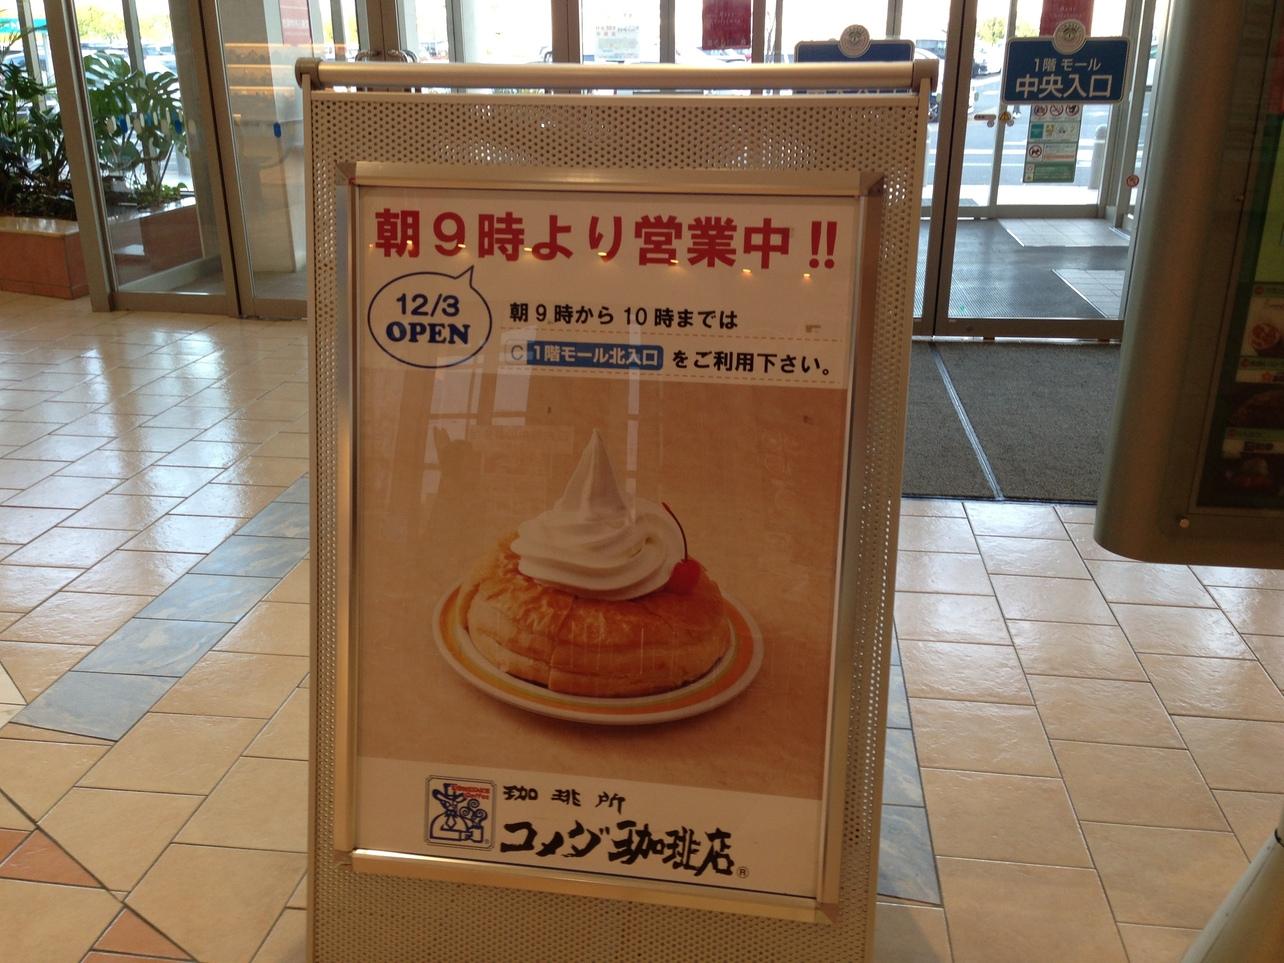 コメダ珈琲店 イオンモール高崎店